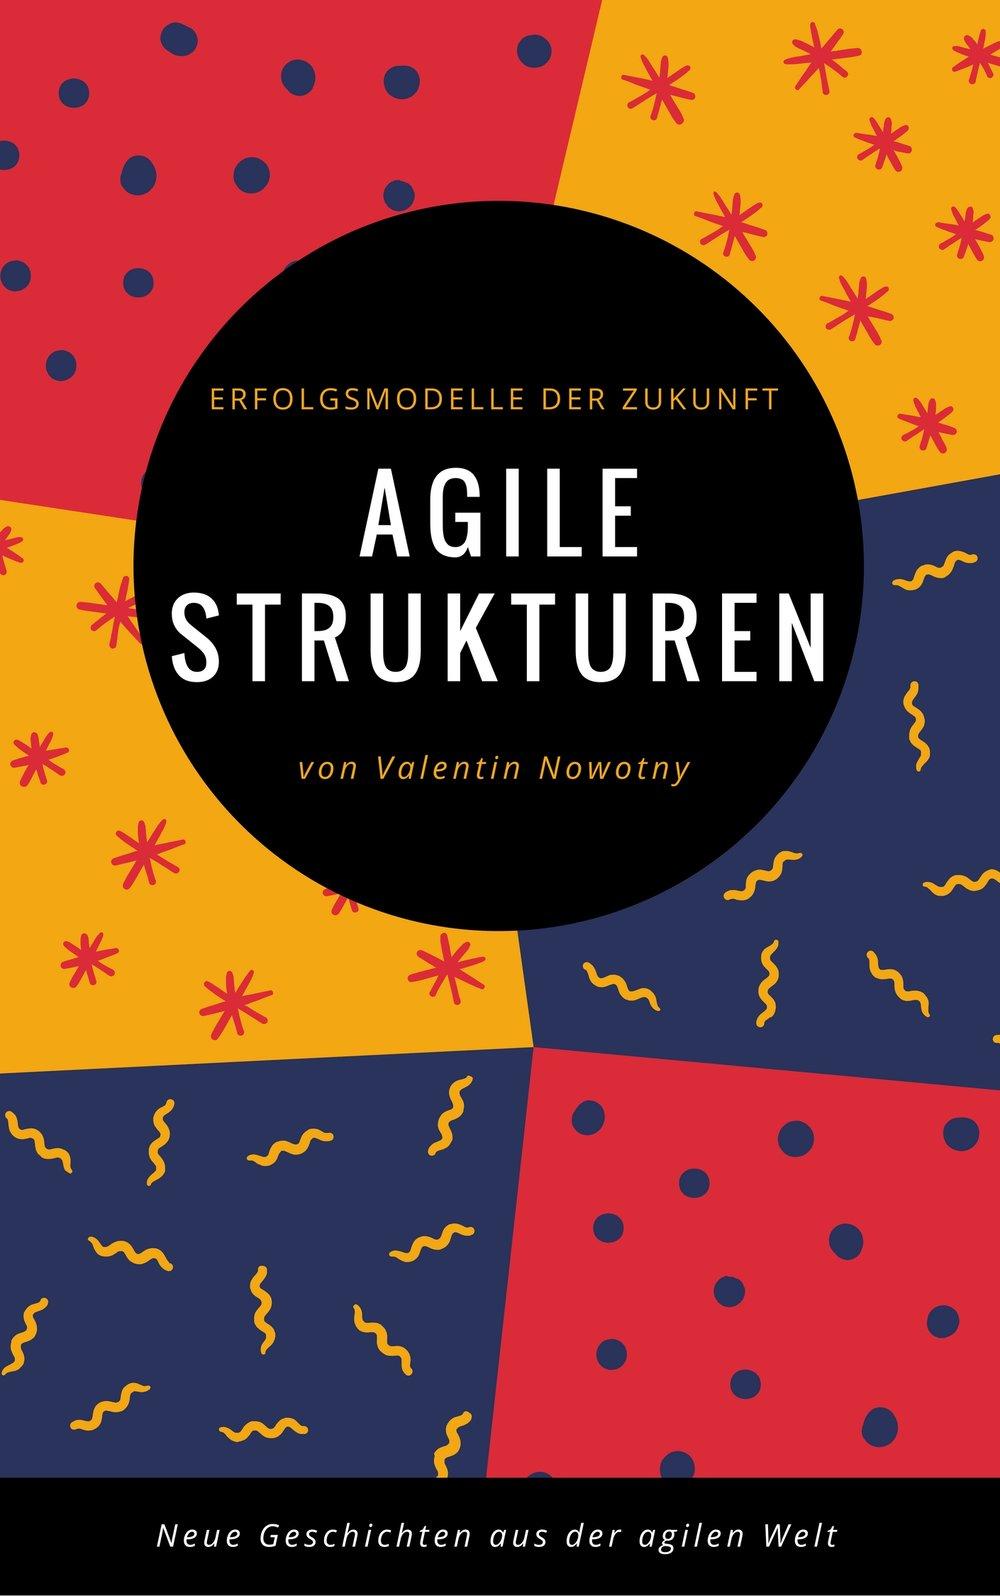 Agile_Strukturen.jpg